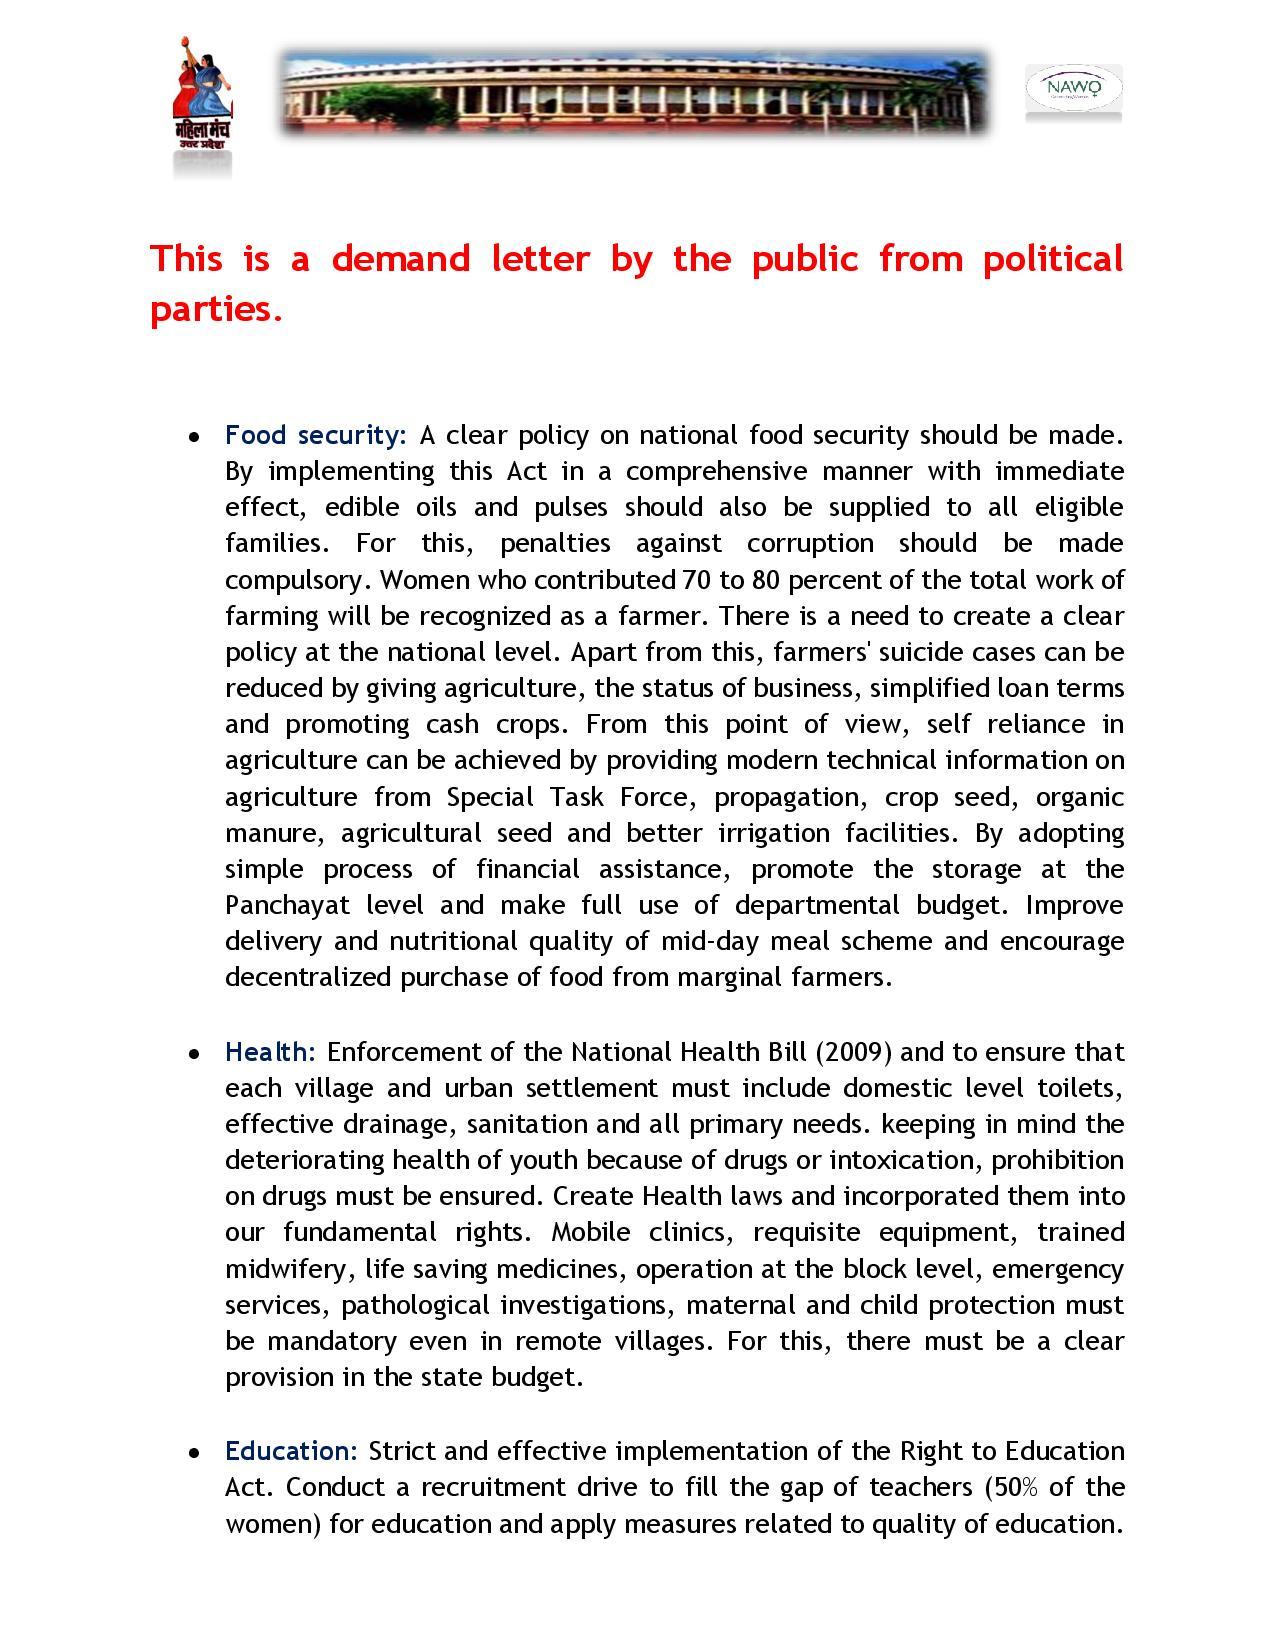 People Manifesto 2019 Mahila manch & NAWO) english-page-002.jpg